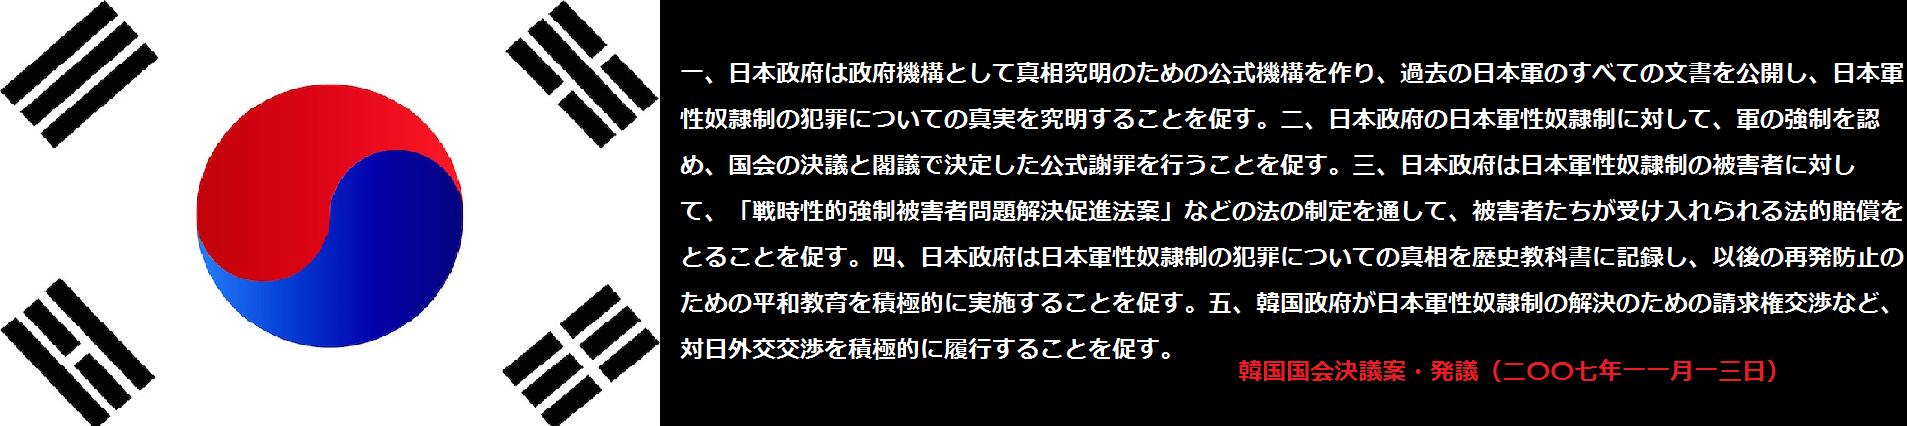 f:id:JAPbuster:20170107180302p:plain